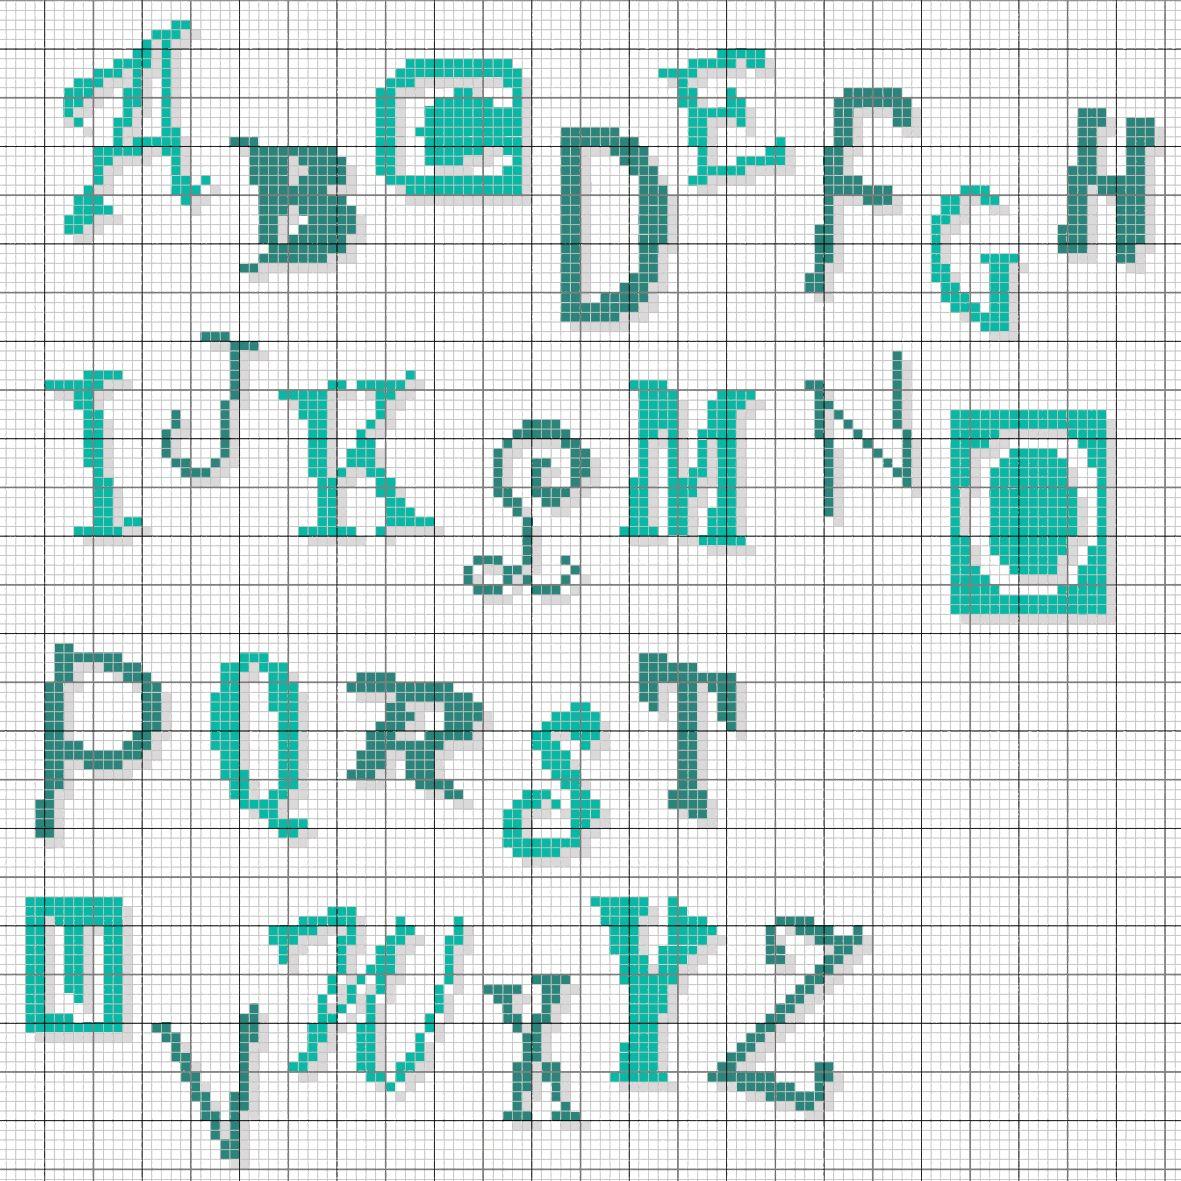 épinglé Par Stephanie Robertson Sur Cross Stitch Font